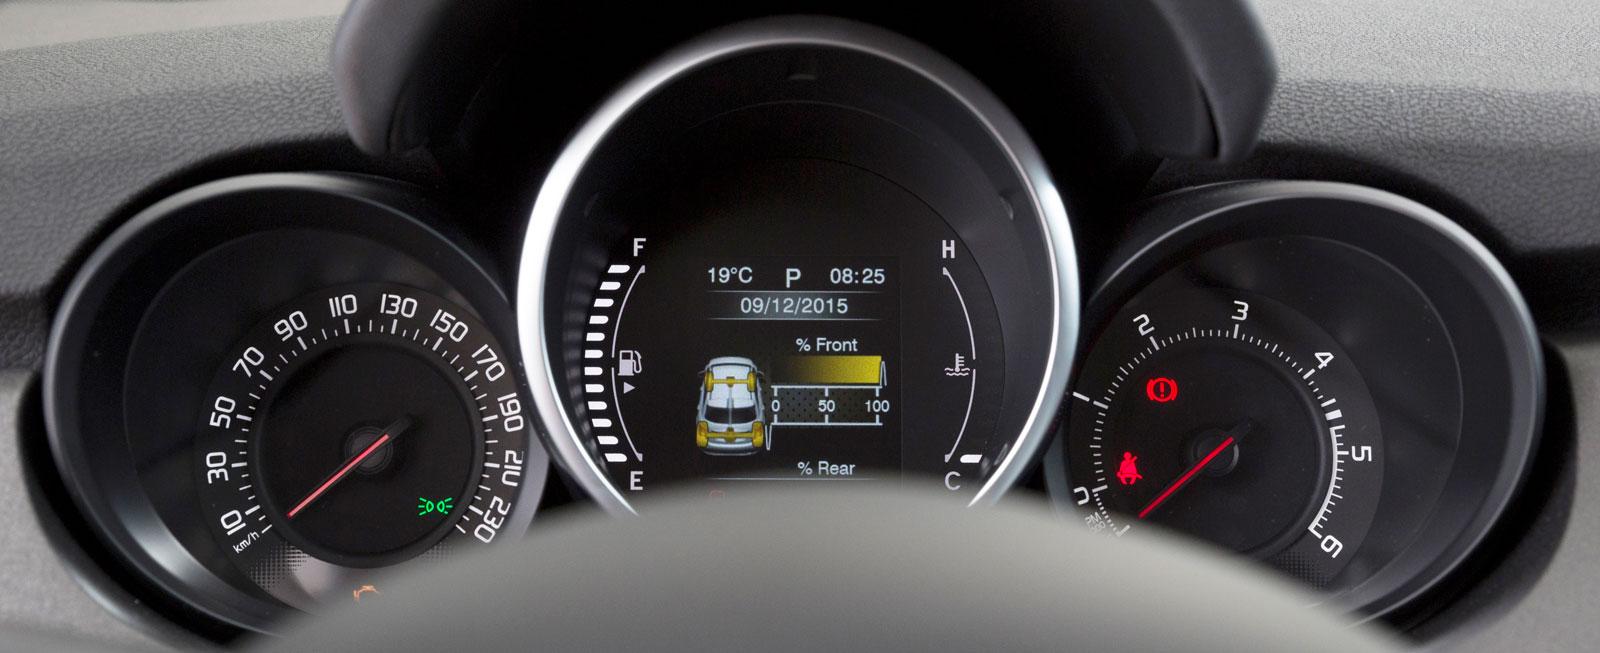 Fiats stora centralinstrument innehåller förutom bränsle- och tempmätare mest en färddator med blandat innehåll, bland annat en turbotryckmätare. Det var länge sedan vi såg en sådan!